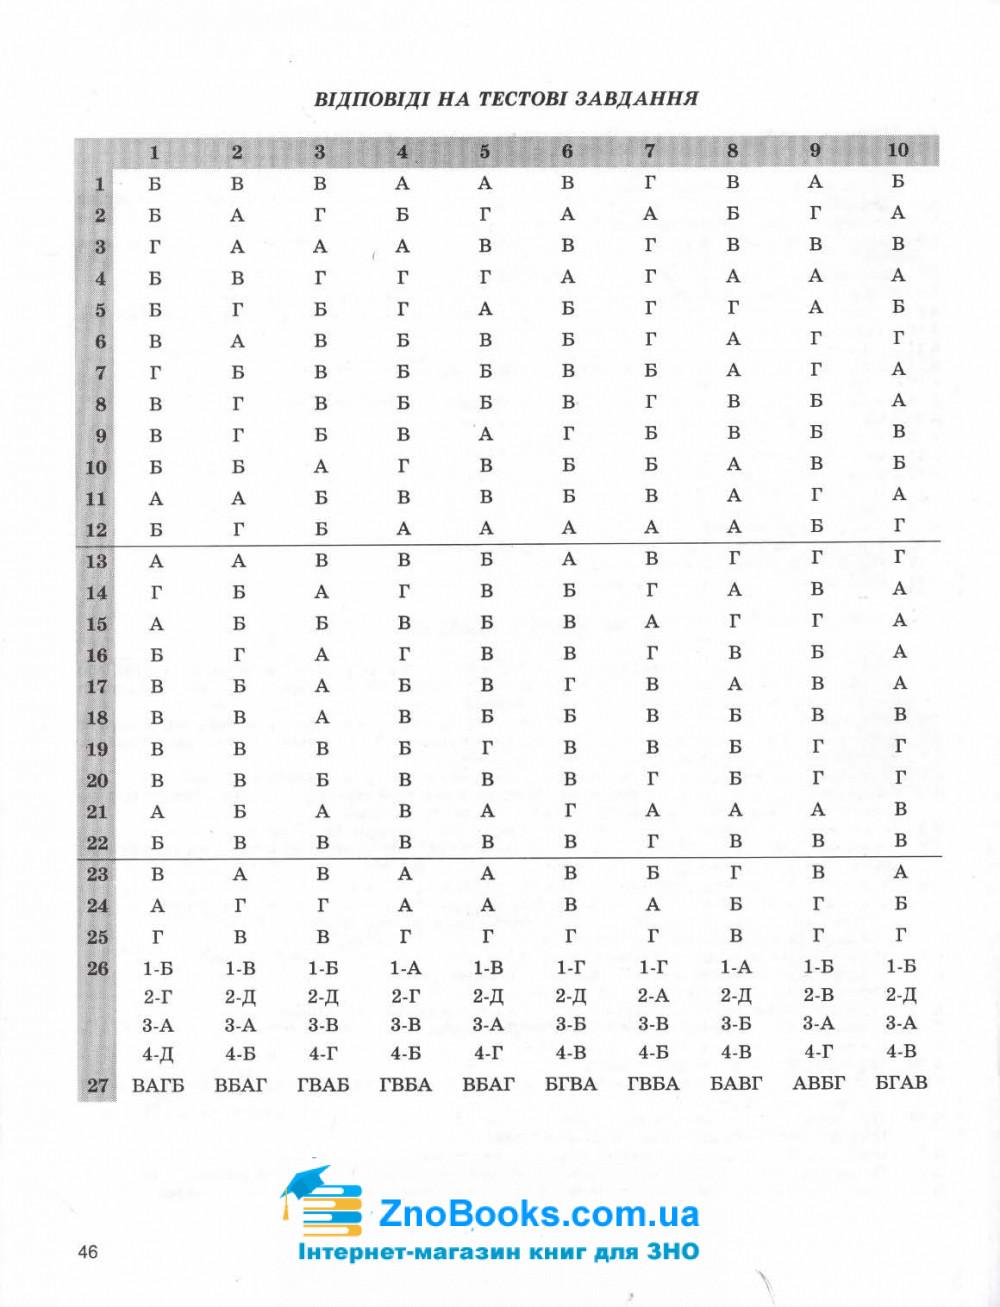 ДПА 9 клас 2022 біологія. Збірник завдань : О. Костильов, С. Міюс Генеза. Купити 7